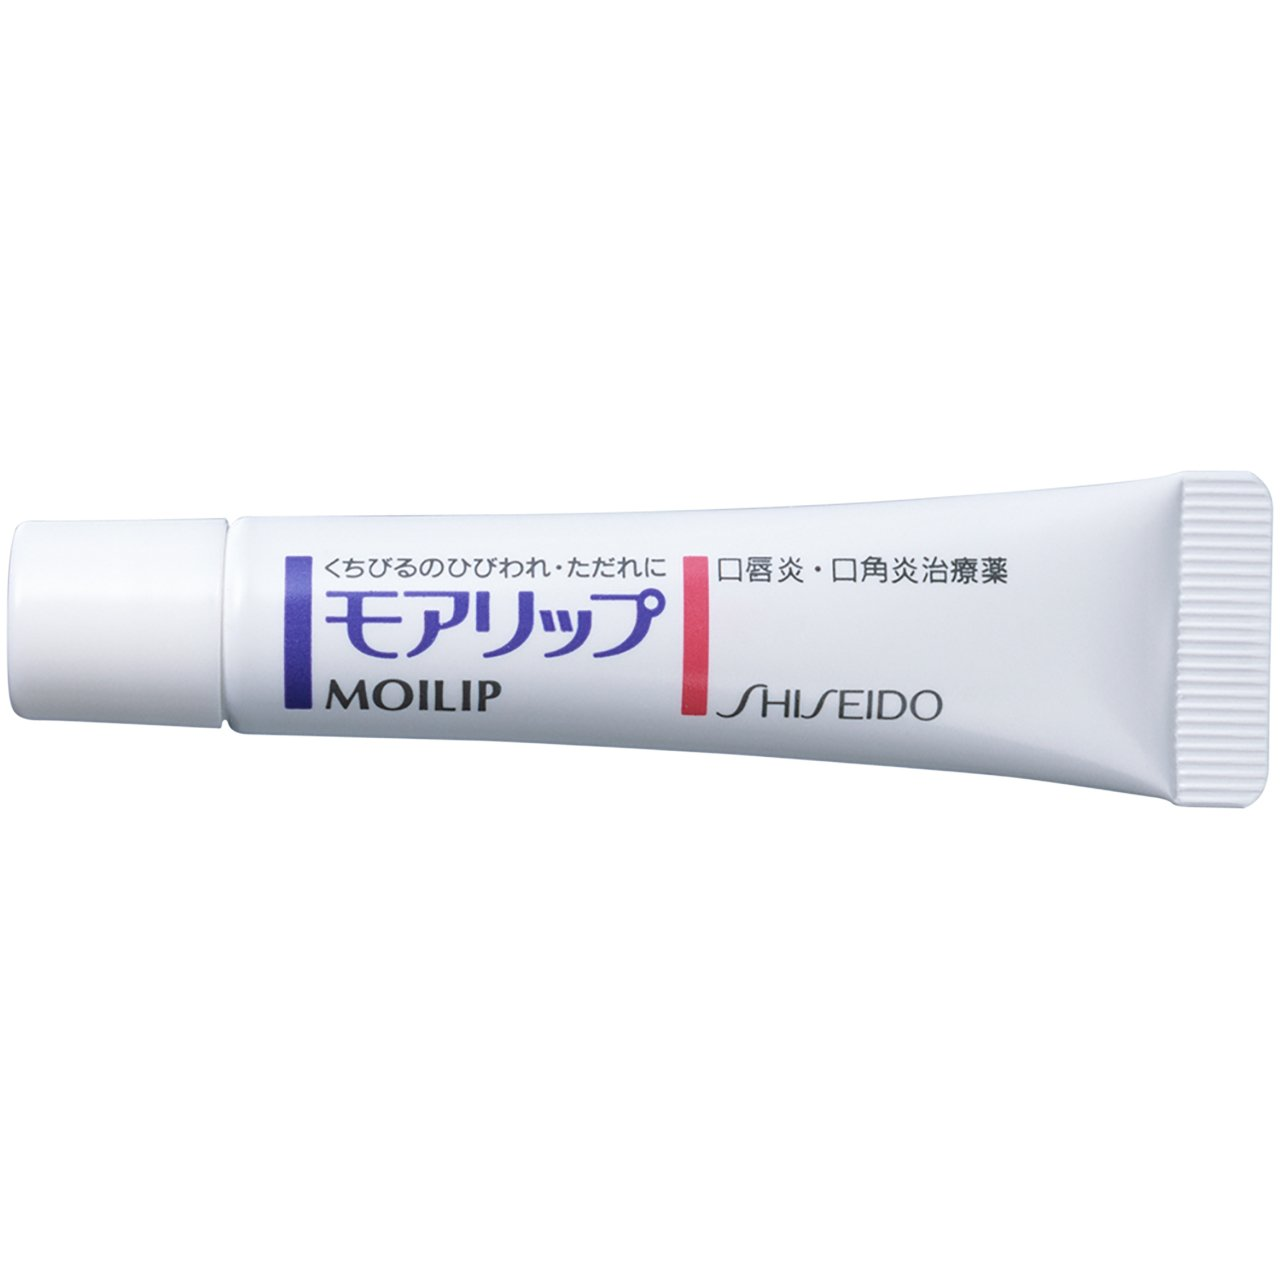 資生堂 モアリップN【第3類医薬品】